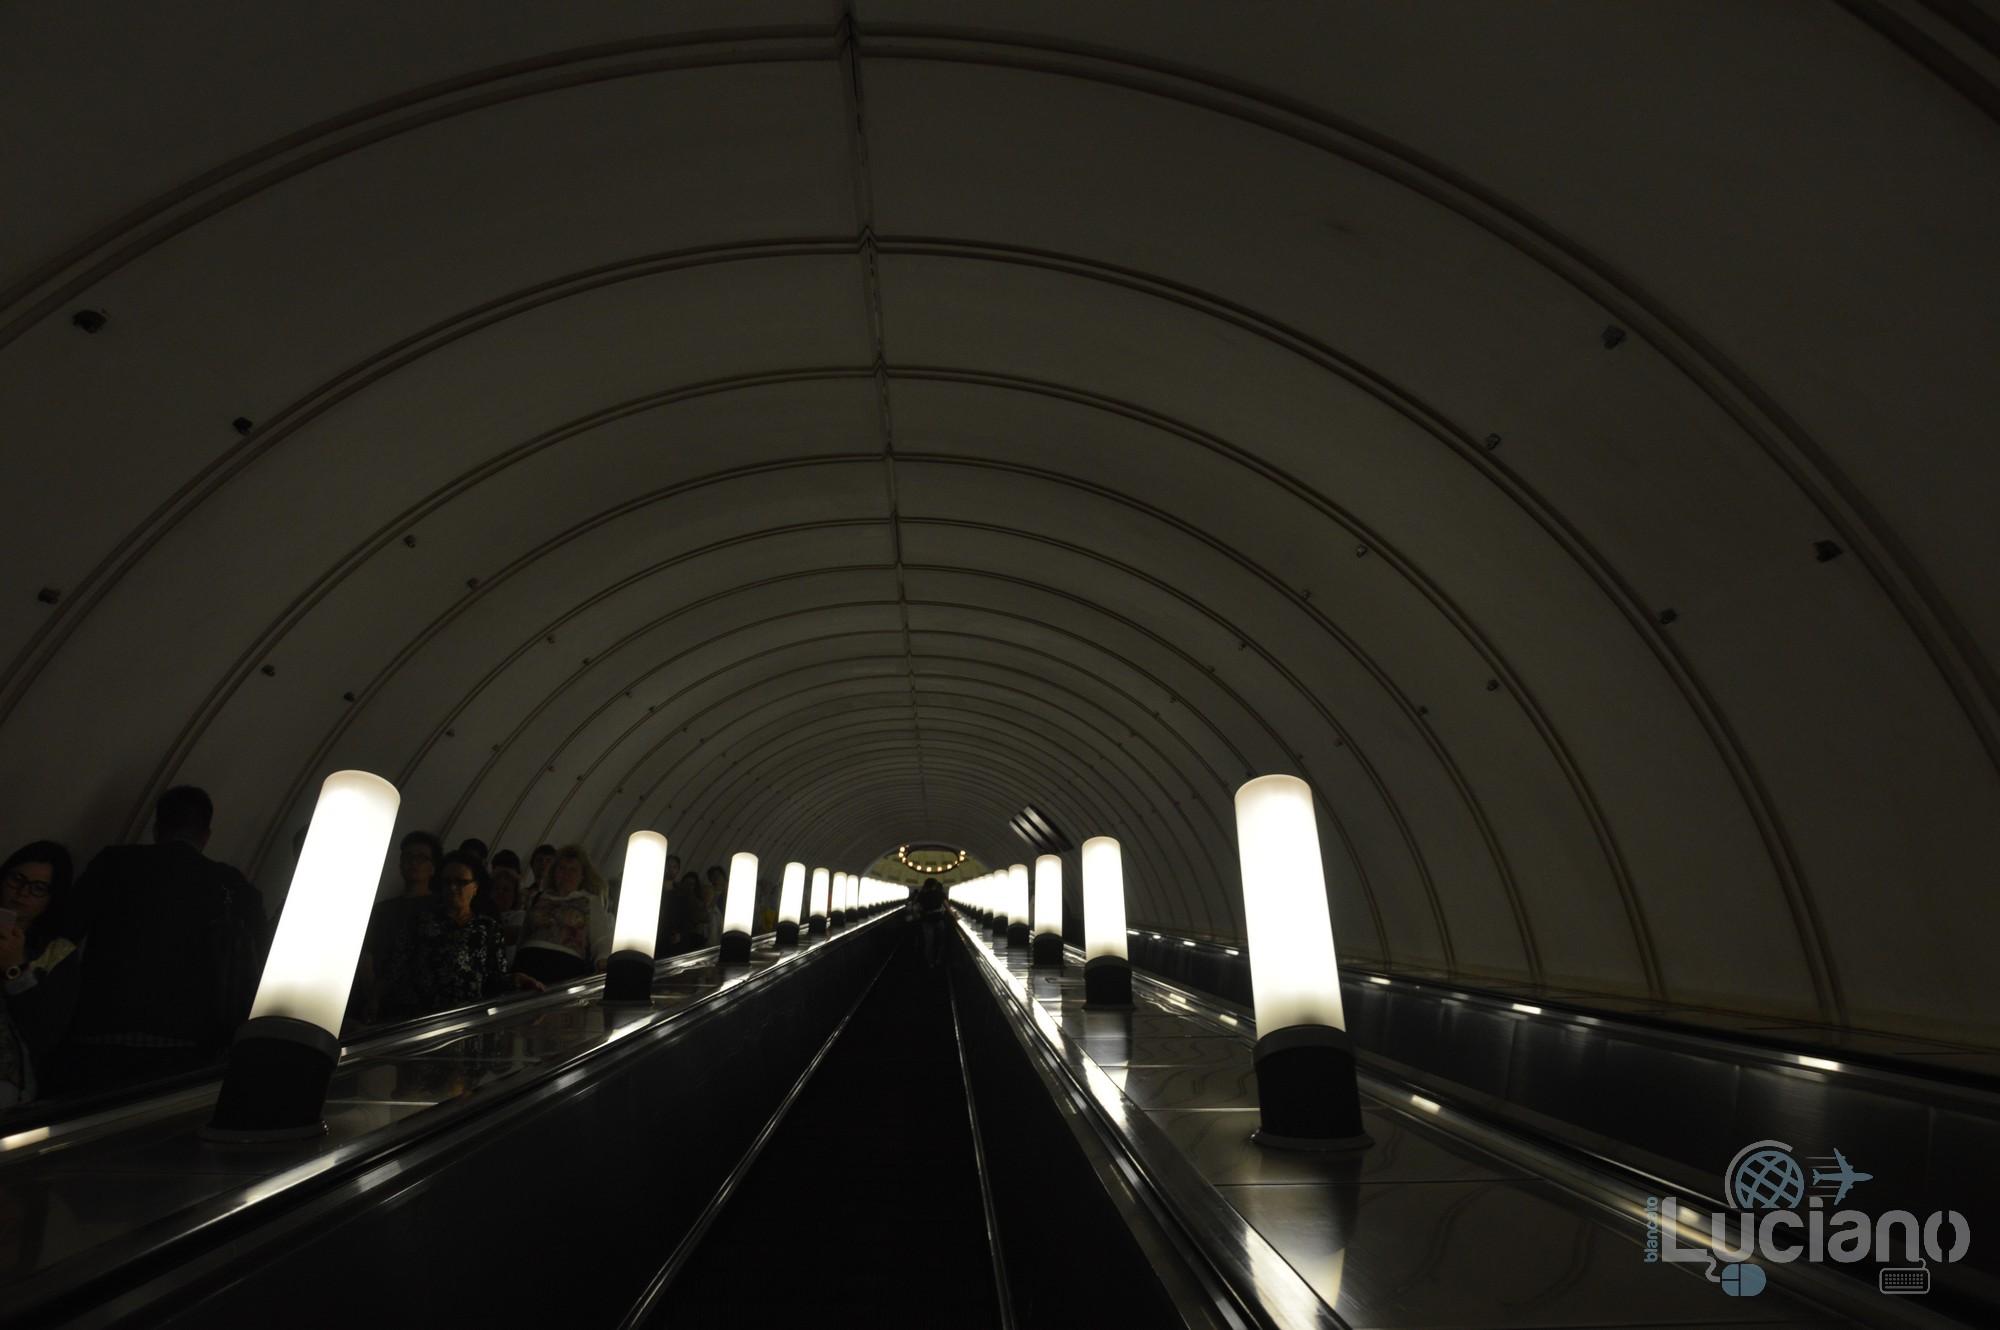 metropolitana-5-circolare-mosca-luciano-blancato (68)